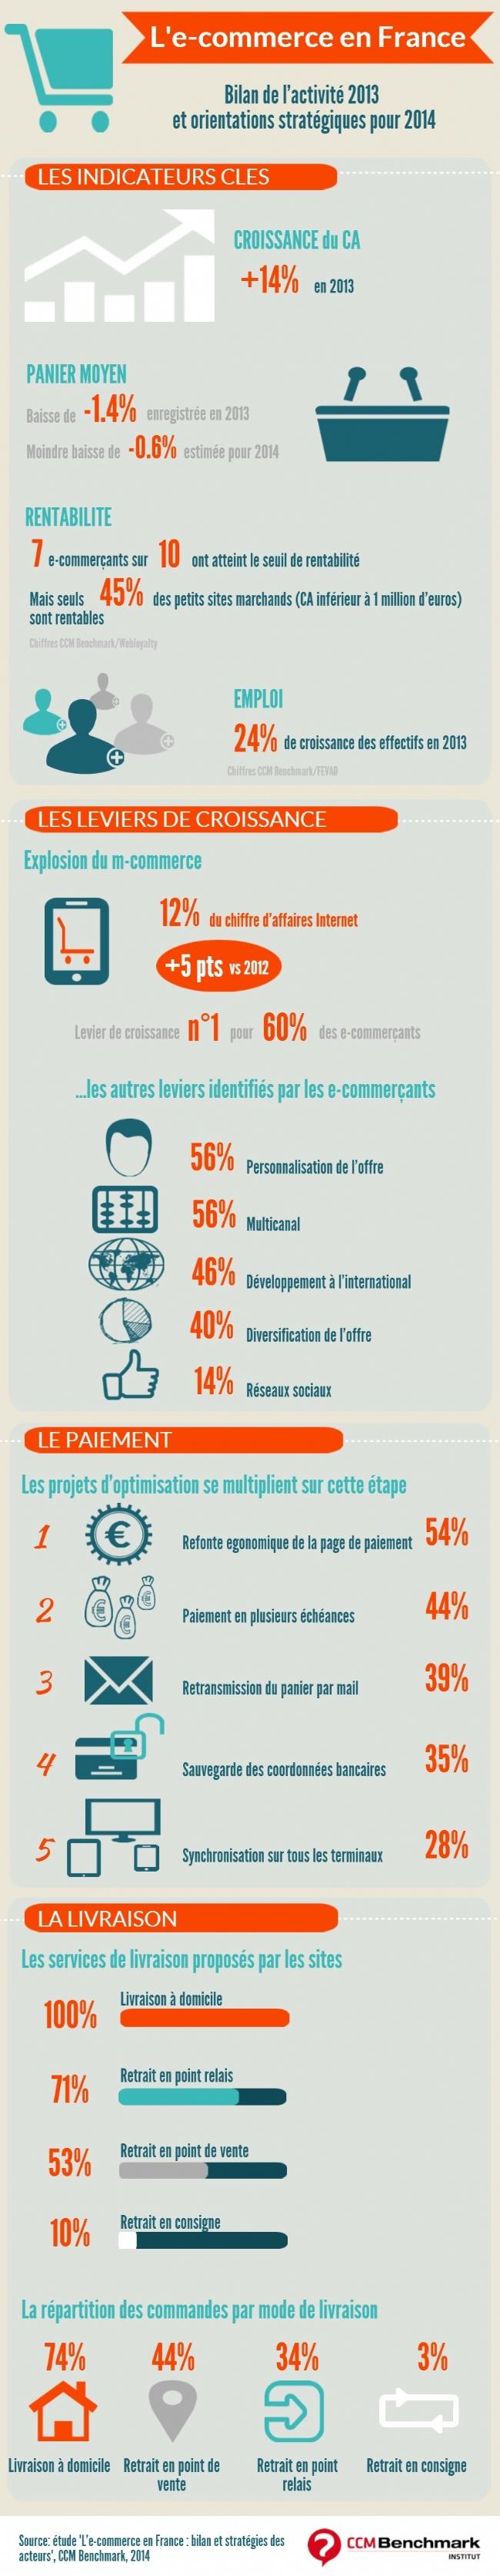 Les Principaux Leviers De Croissance De La Vente En Ligne Infographie Commerce Electronique Emploi France